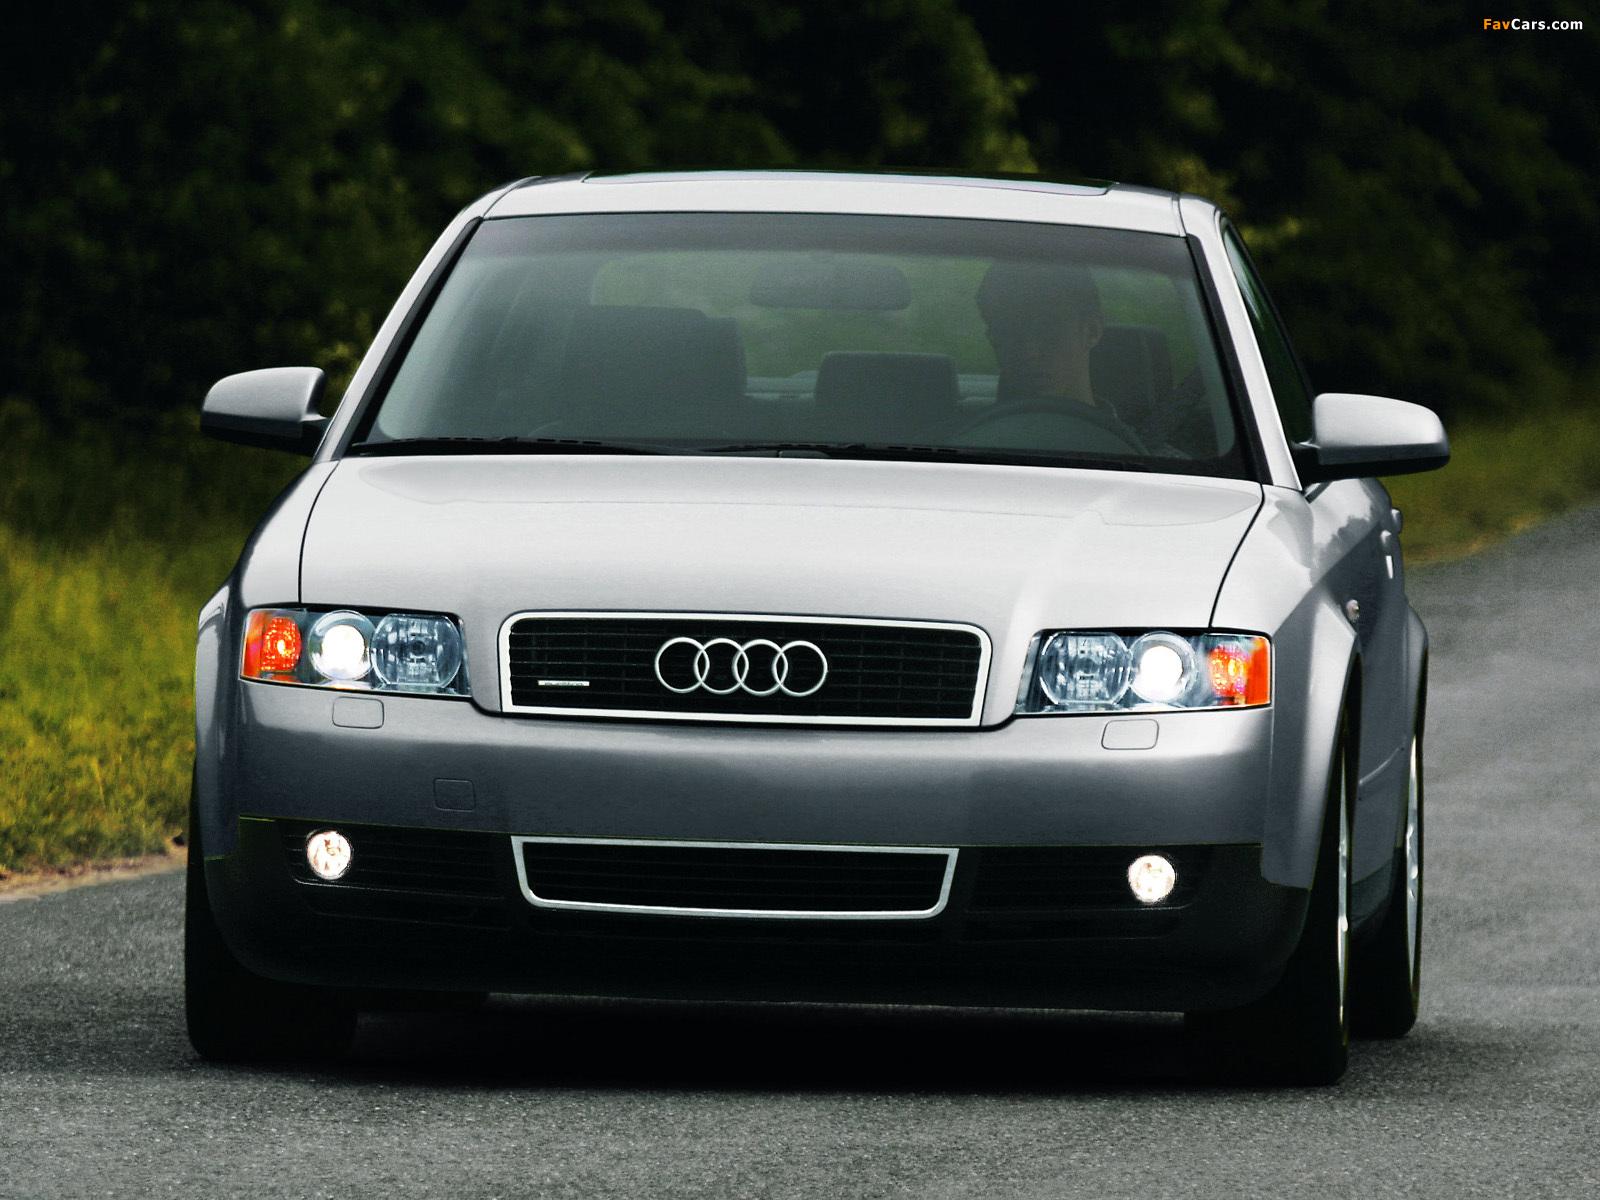 Audi A4 (B6-8E)